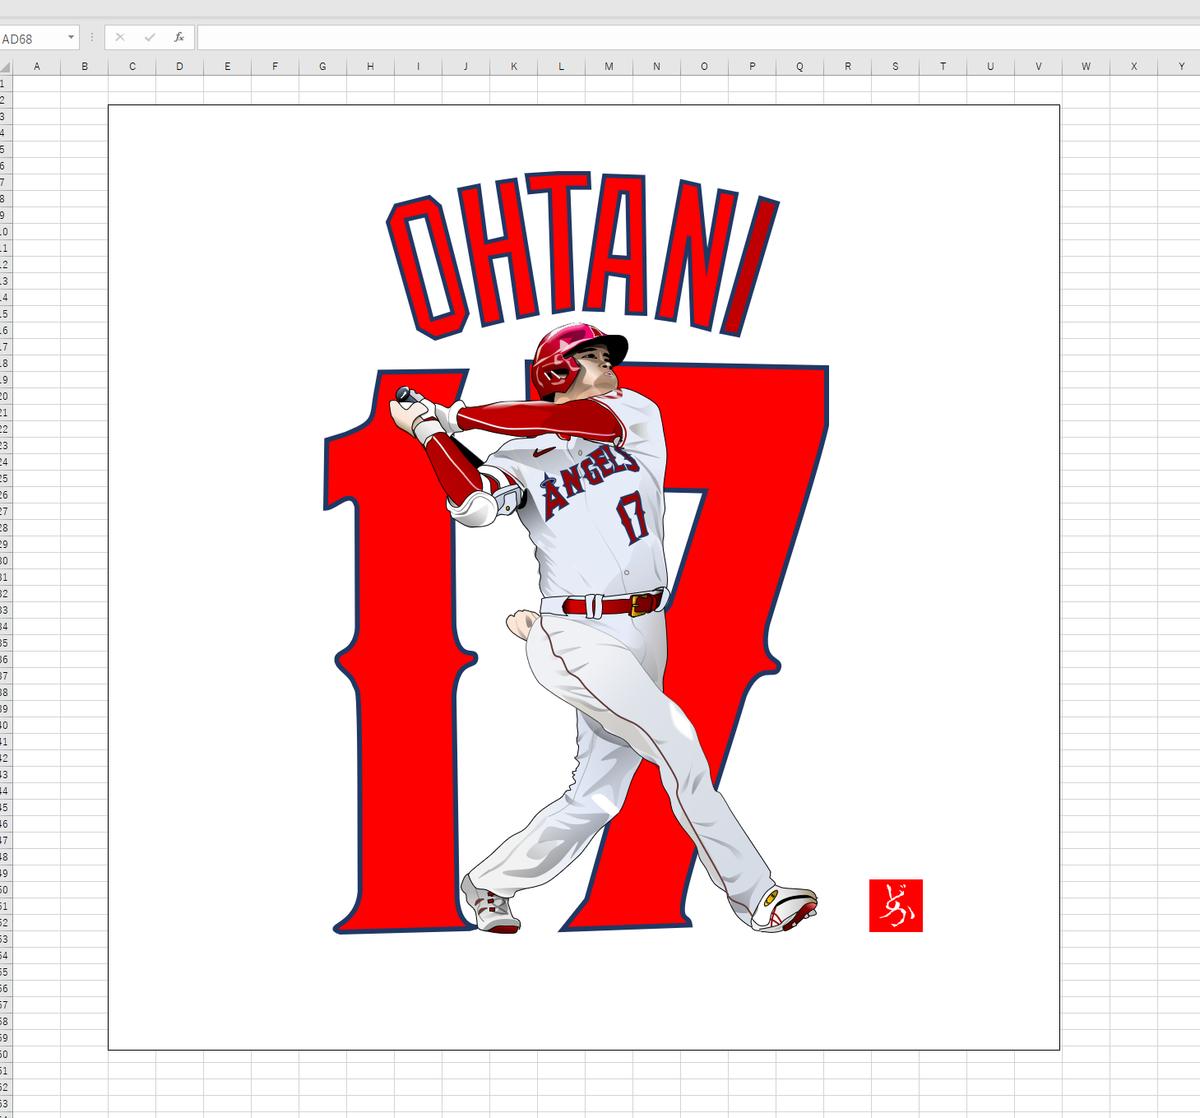 MLBロサンゼルス・エンゼルスの打者・大谷翔平のエクセル画イラストキャプチャ版